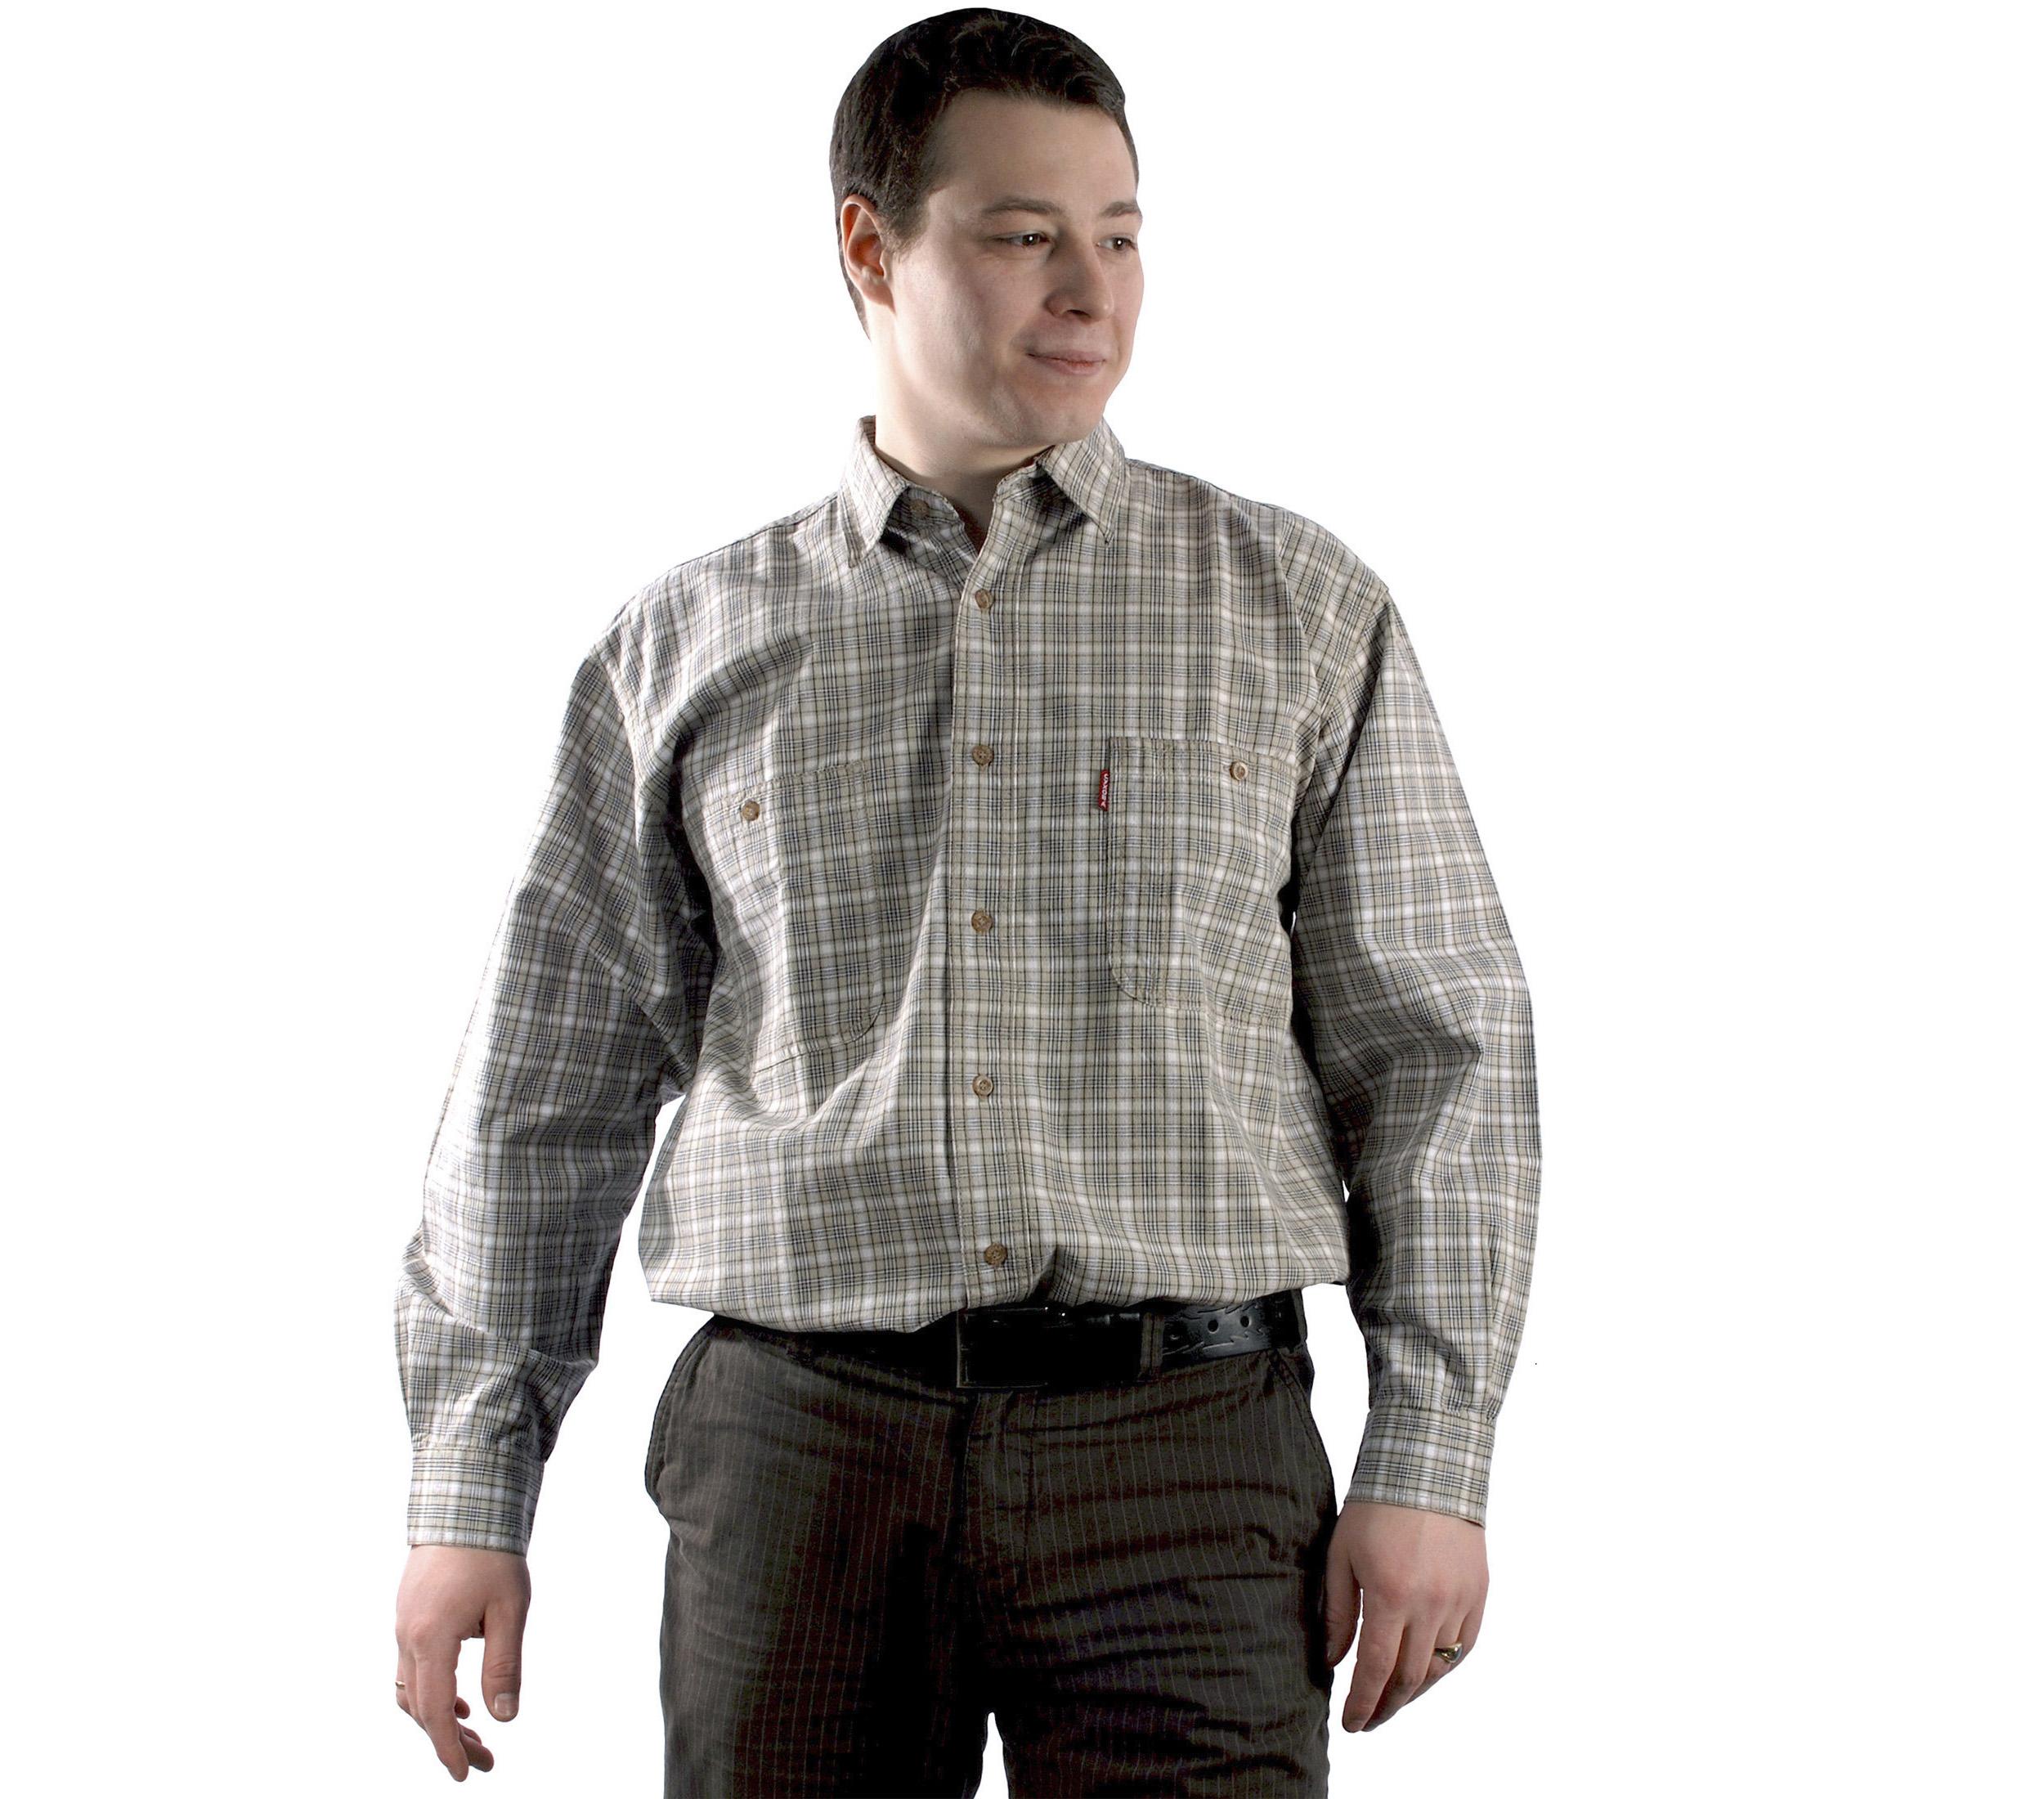 Рубашка большого размера в мелкую серого цвета клетку. Средней плотности. Модель длинный рукав с двумя большими карманами свободного кроя.